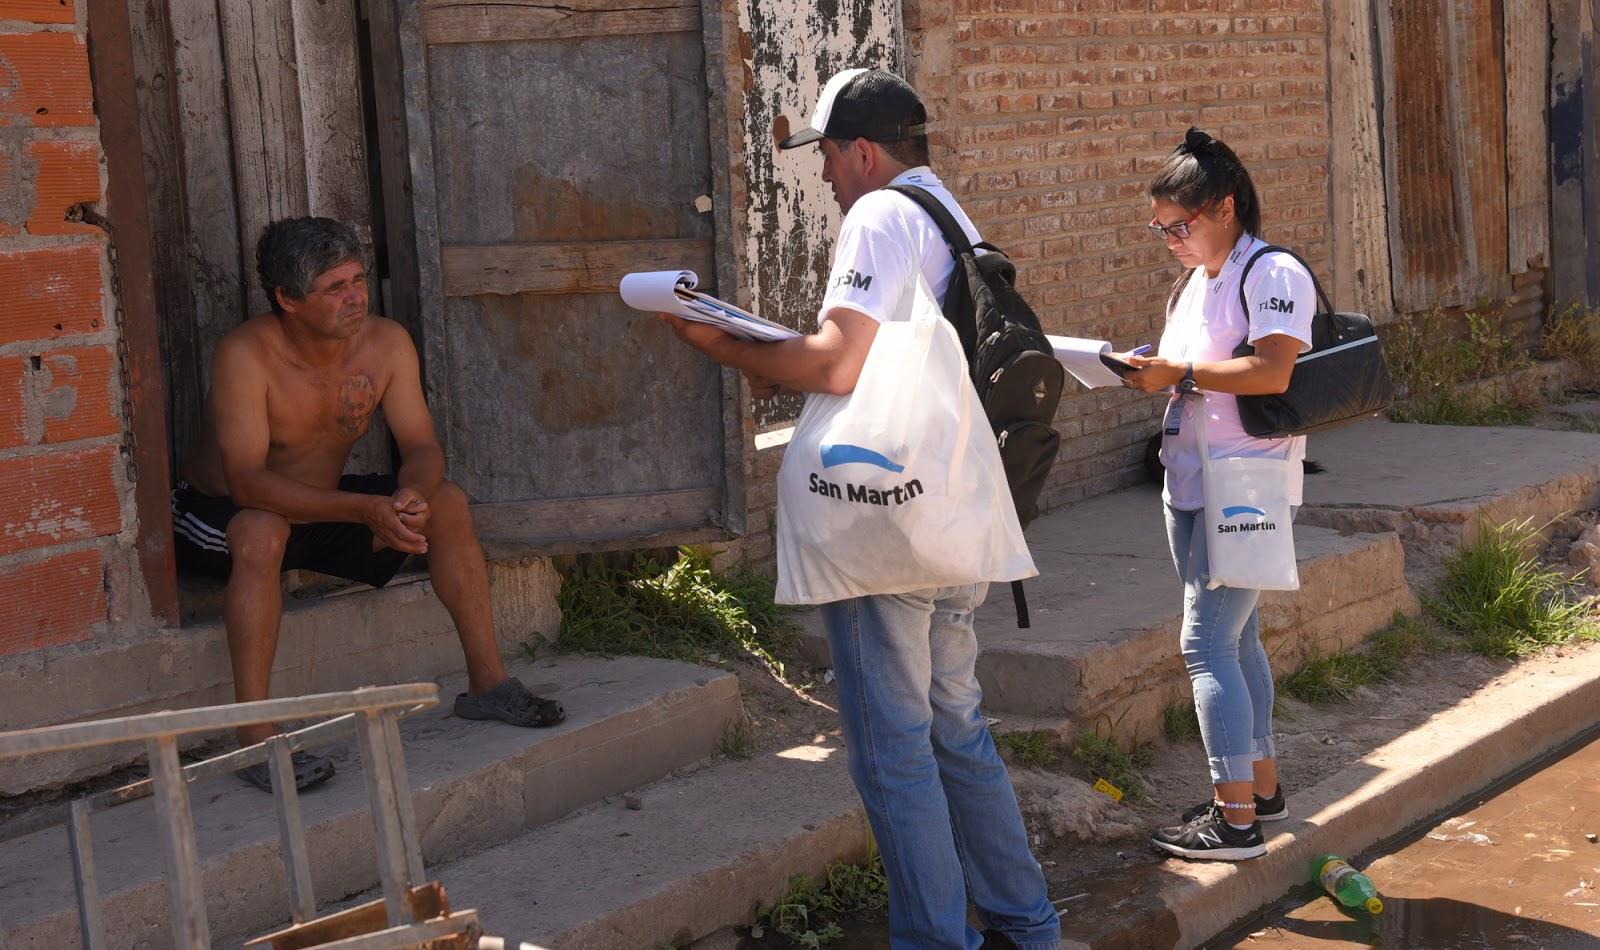 San martin los voluntarios de volve a la escuela - Muebles martin los barrios ...